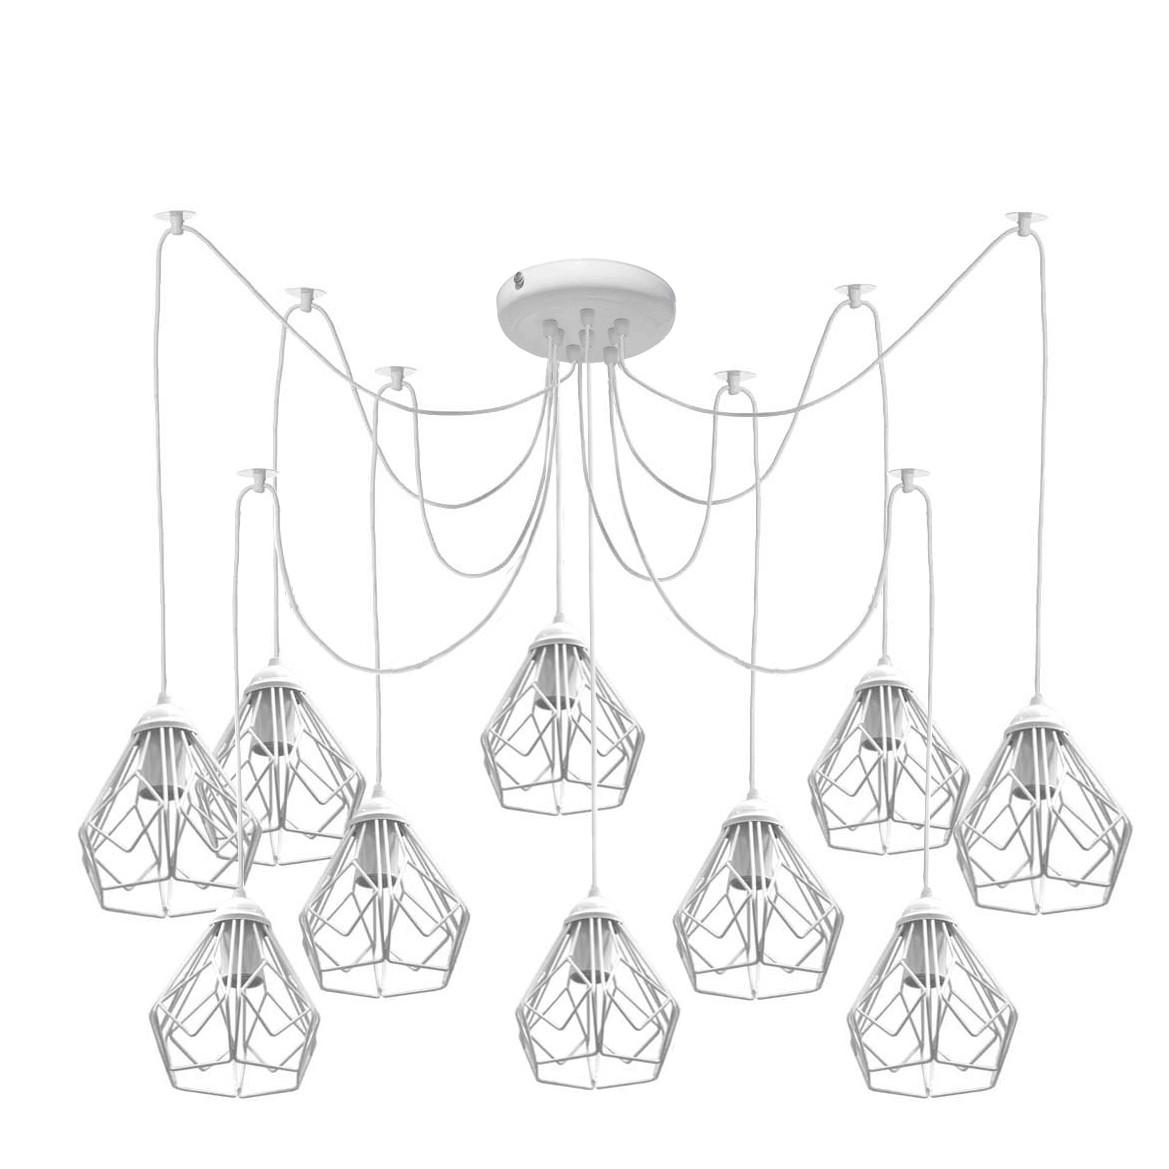 Люстра паук на десять плафонов NL 538-10 W  MSK Electric